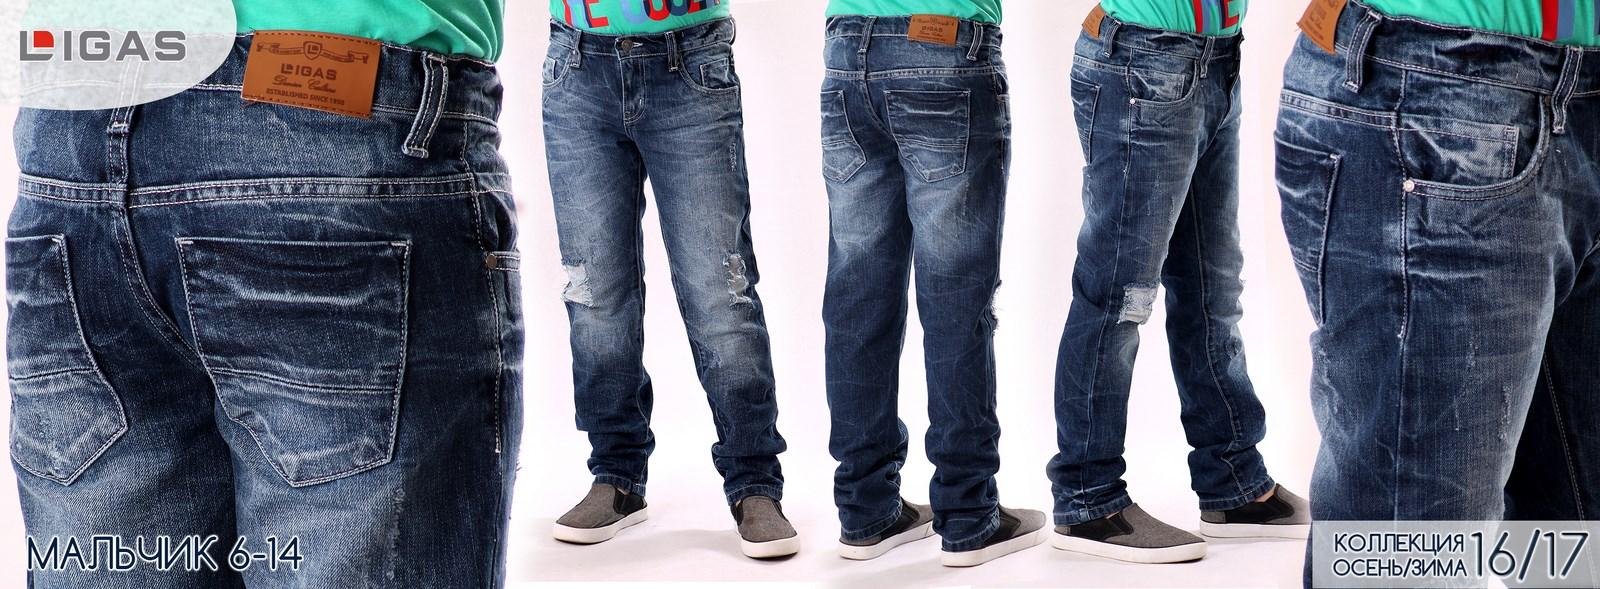 Новый сбор по детской джинсовой одежде - опять новинки.